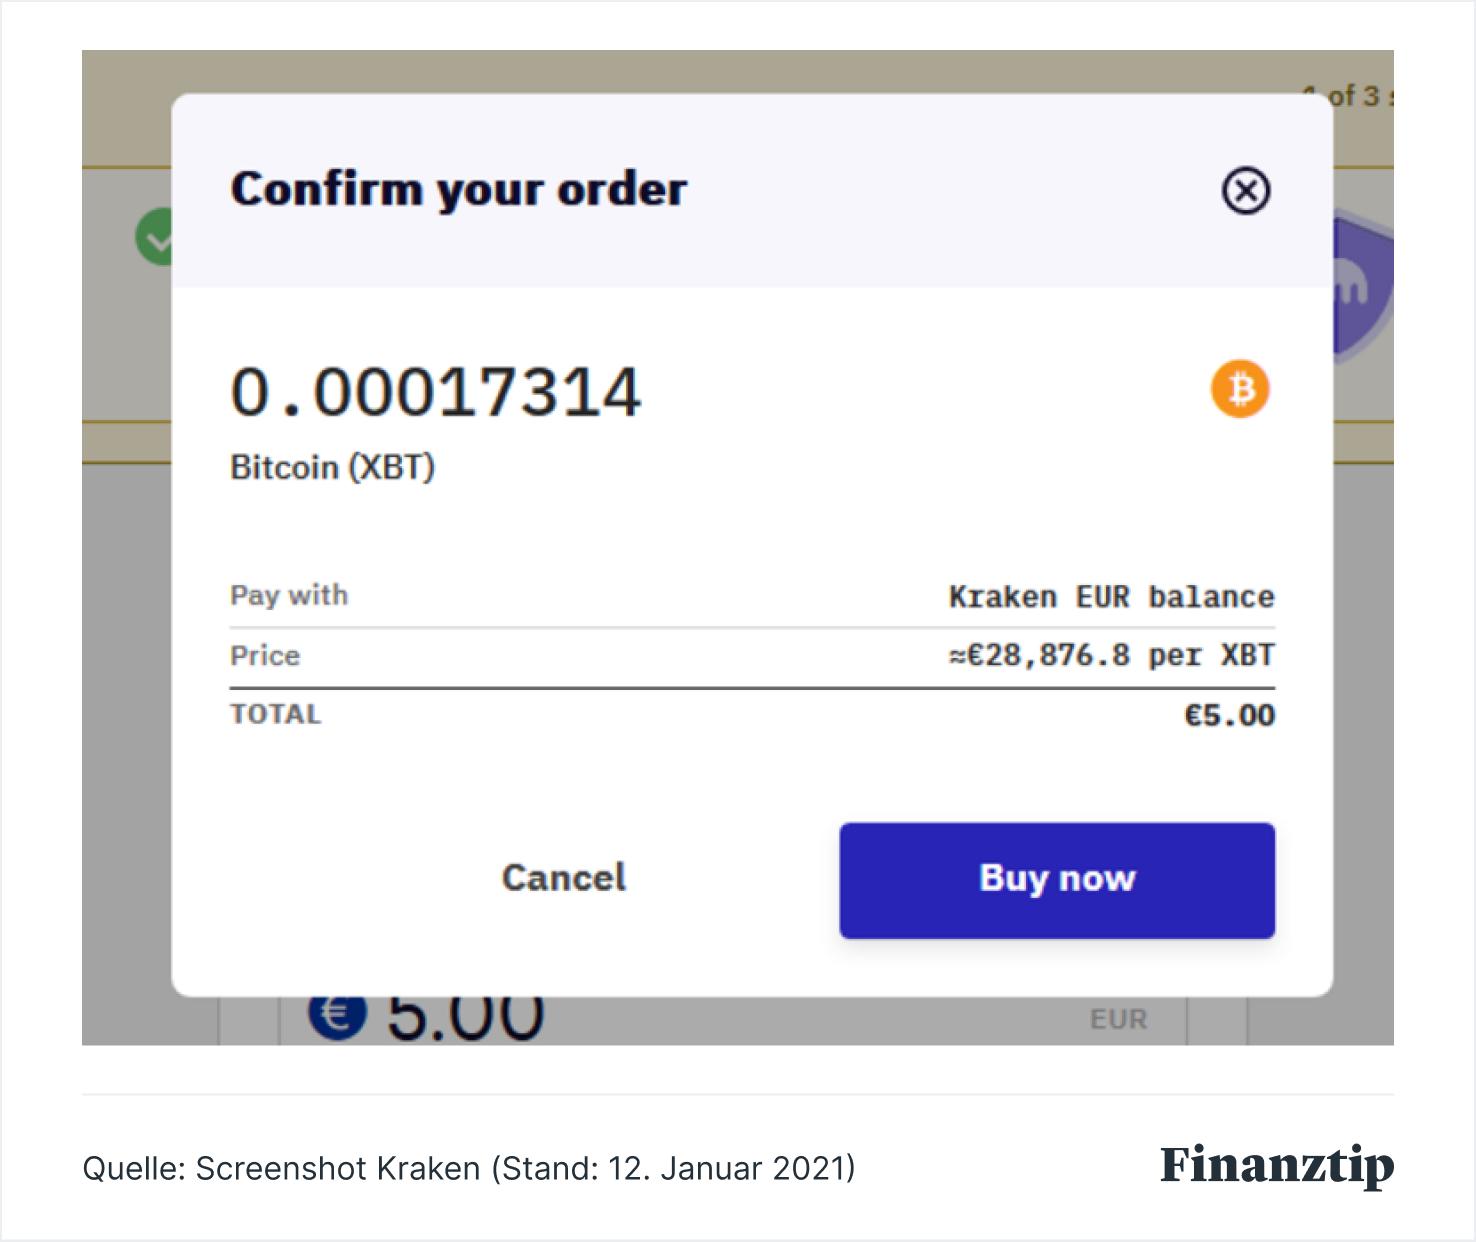 was ist der mindestbetrag, um mit gewinn in bitcoin zu investieren? plus500 app